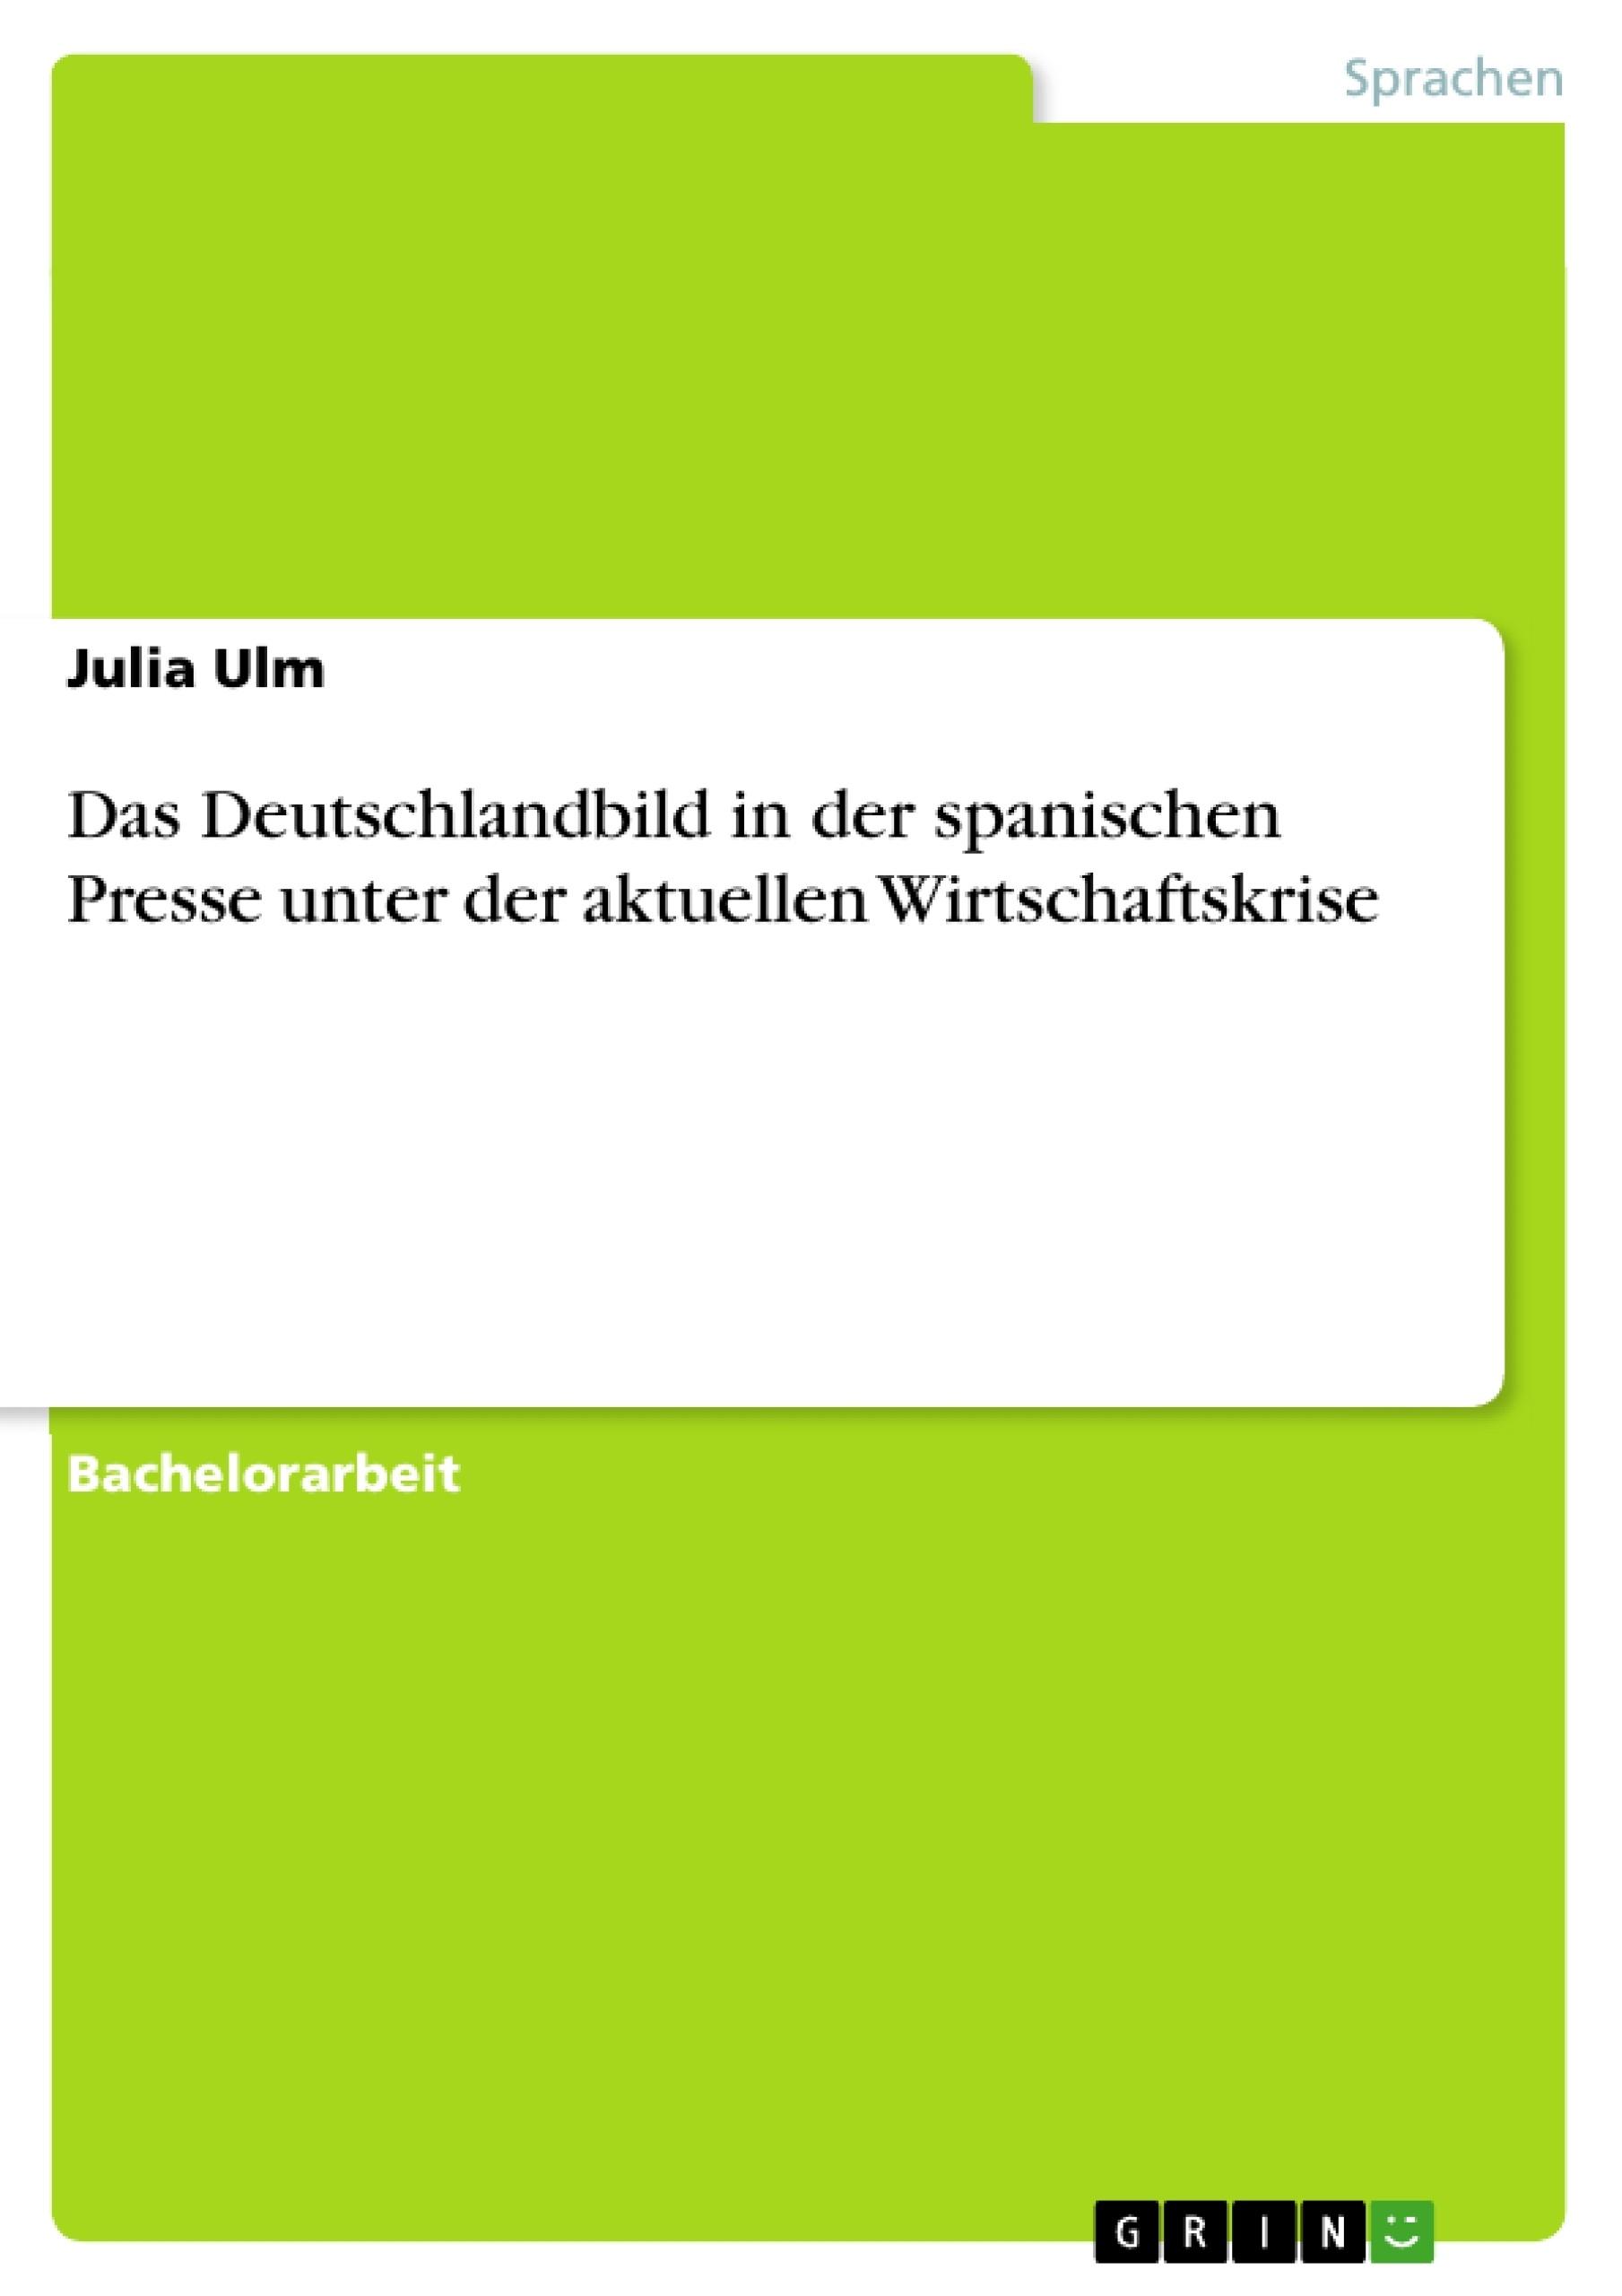 Titel: Das Deutschlandbild in der spanischen Presse unter der aktuellen Wirtschaftskrise